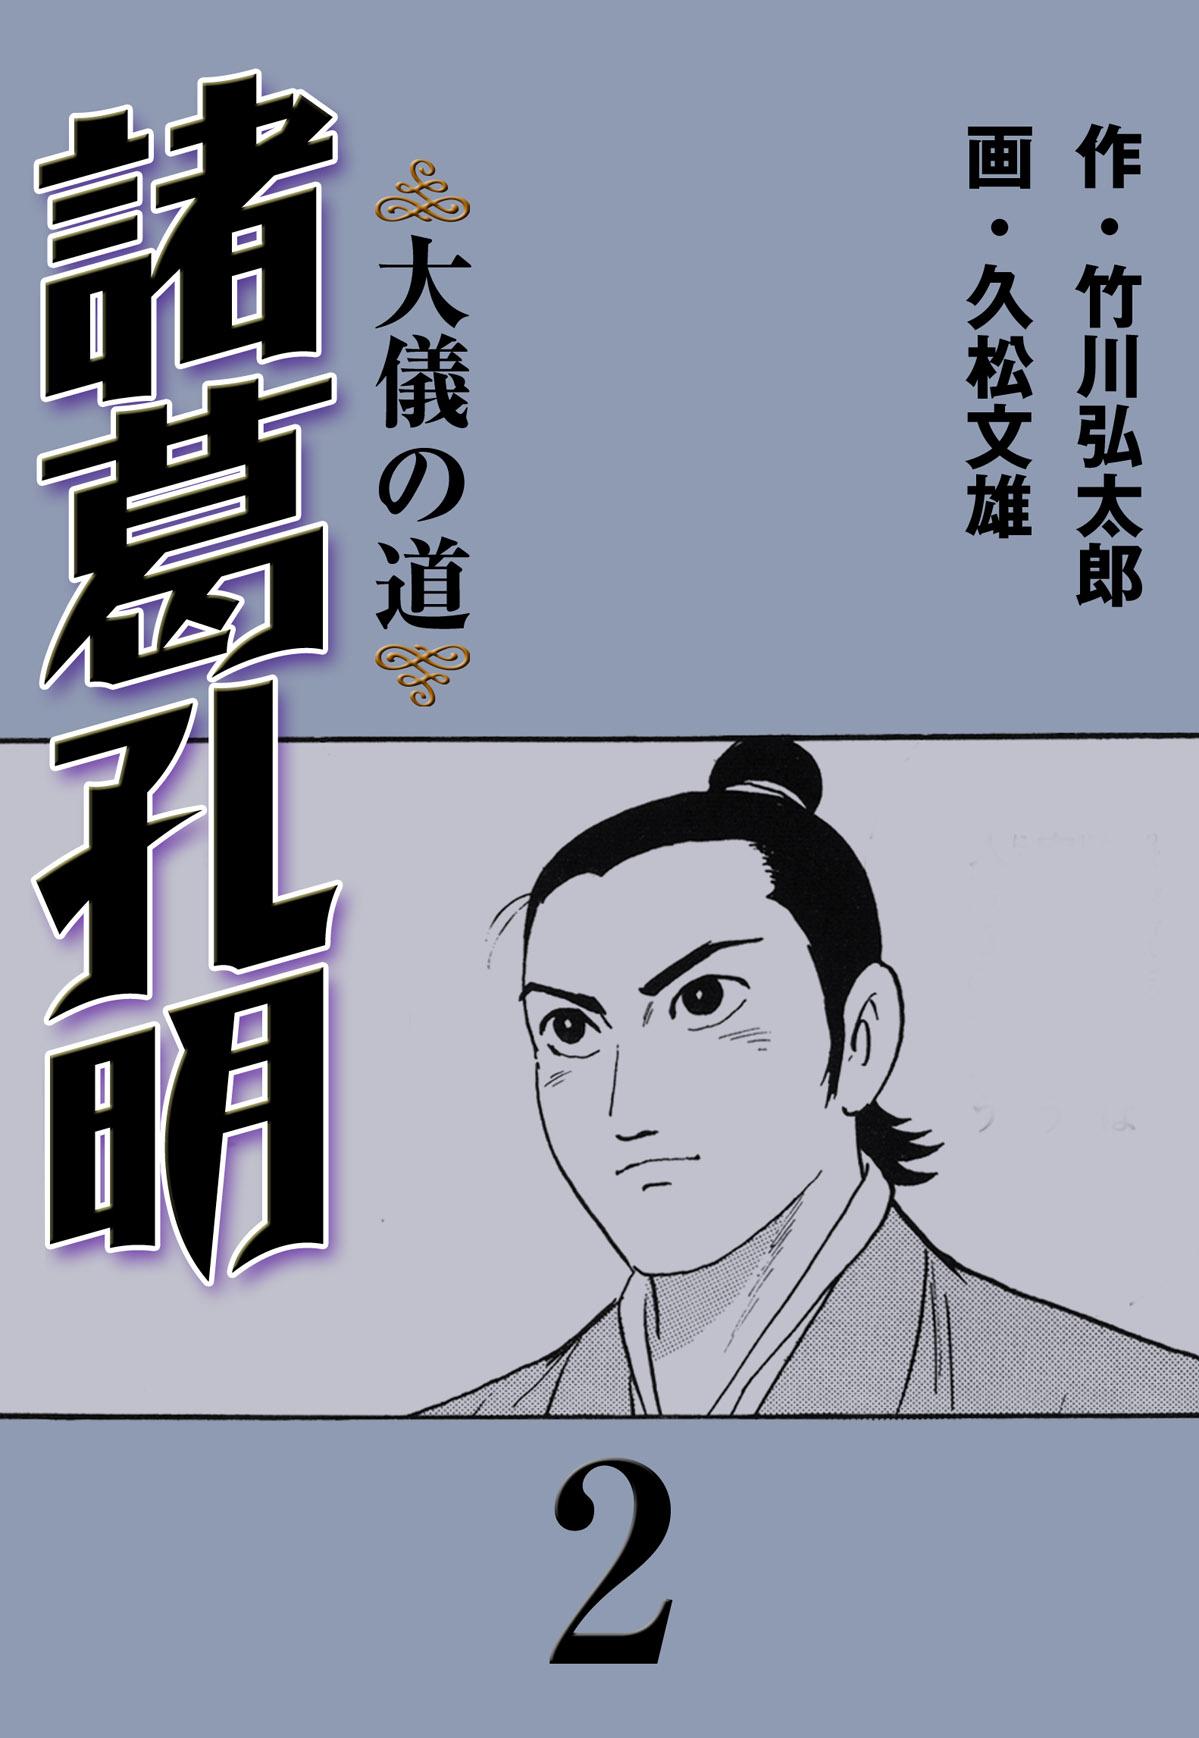 諸葛孔明ー臥竜の志ー(第2巻)